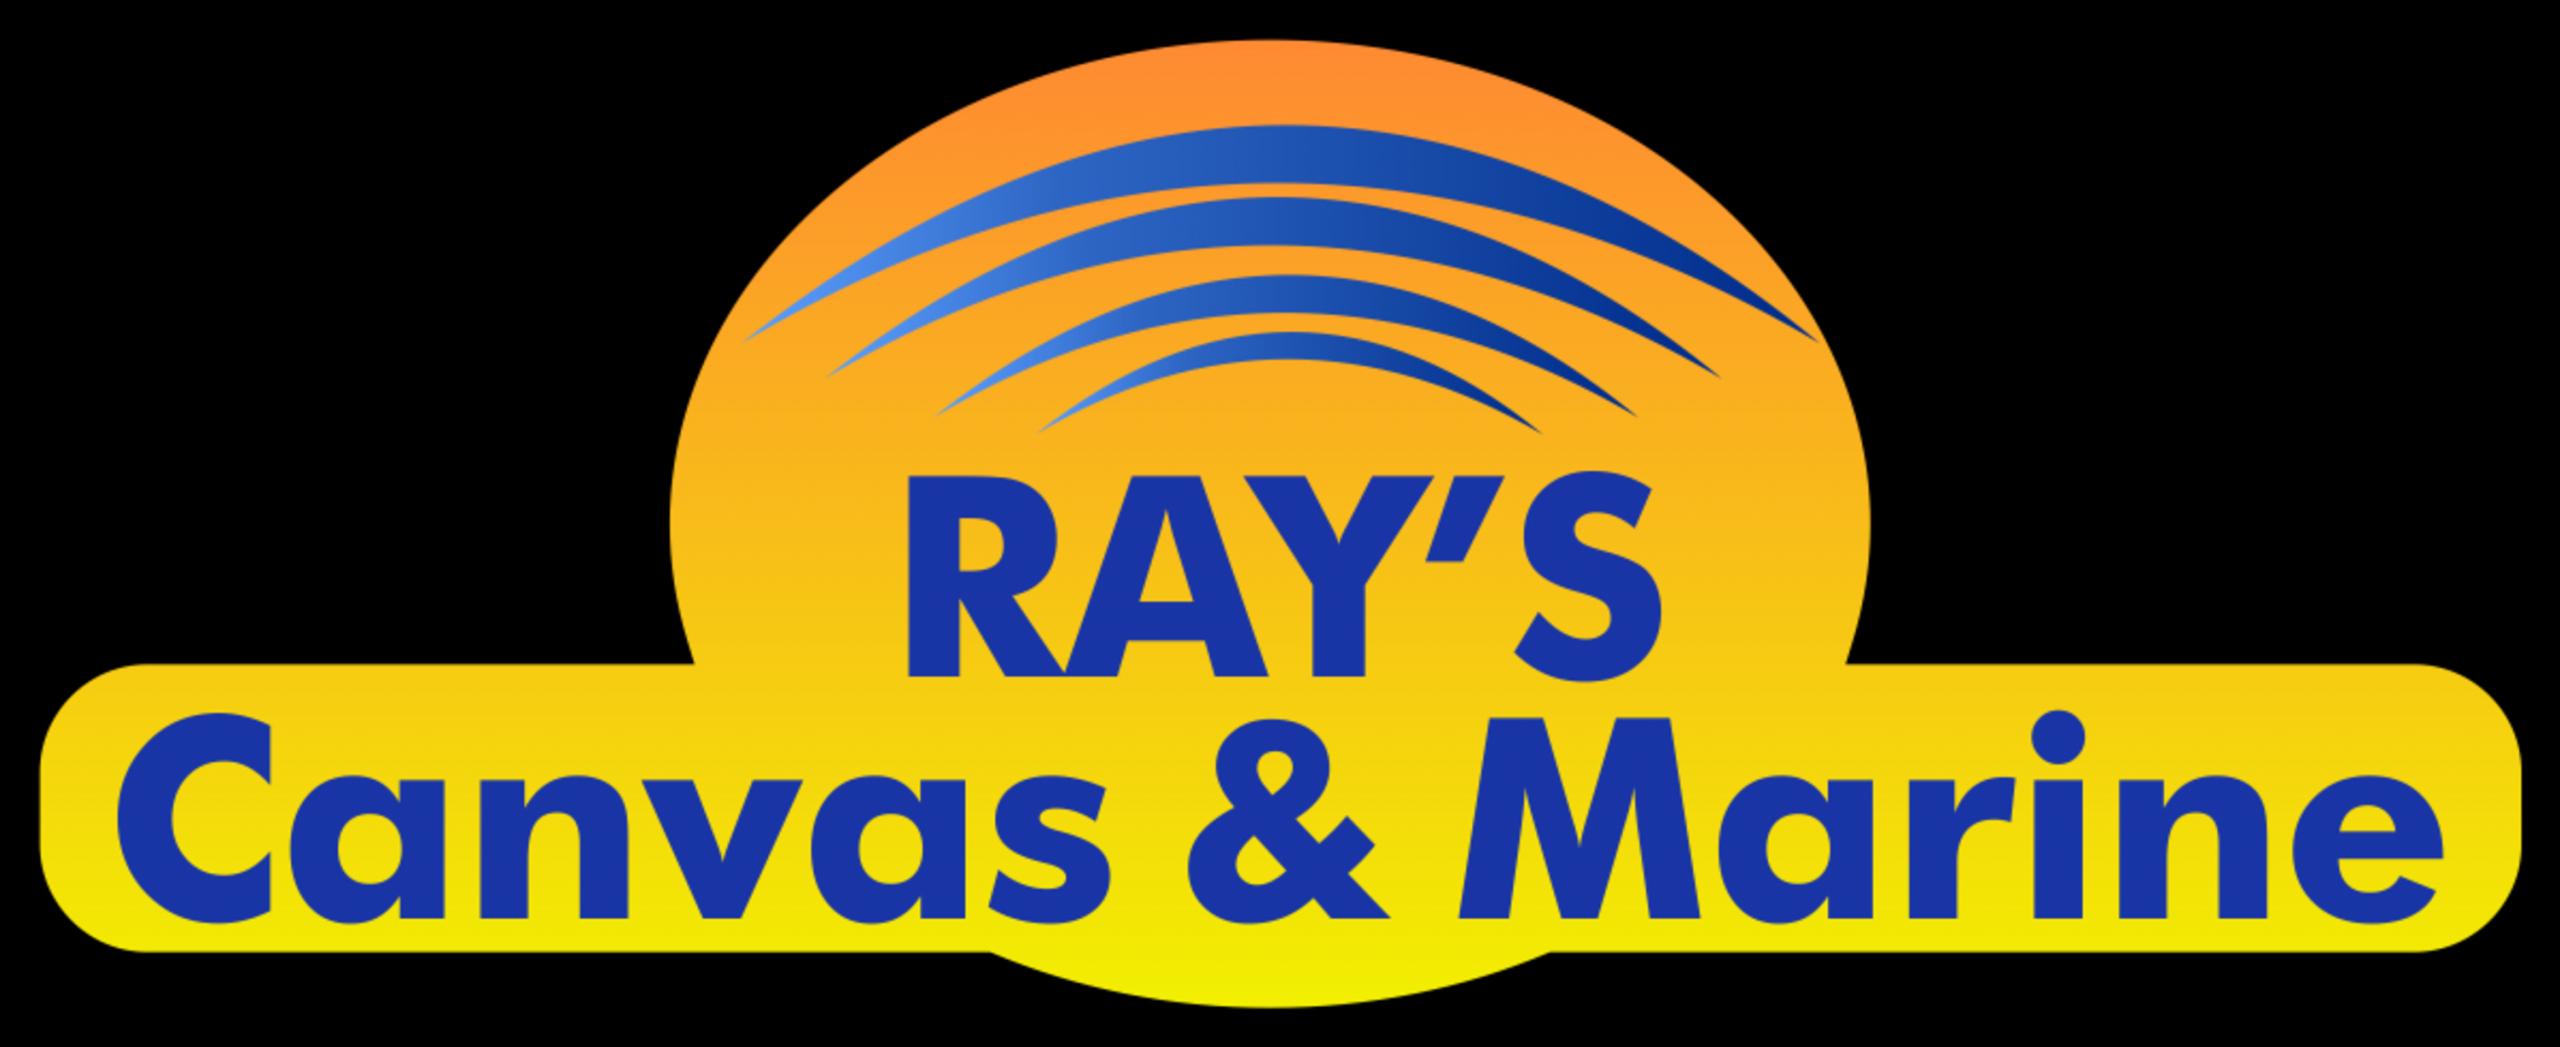 Ray's Canvas & marine